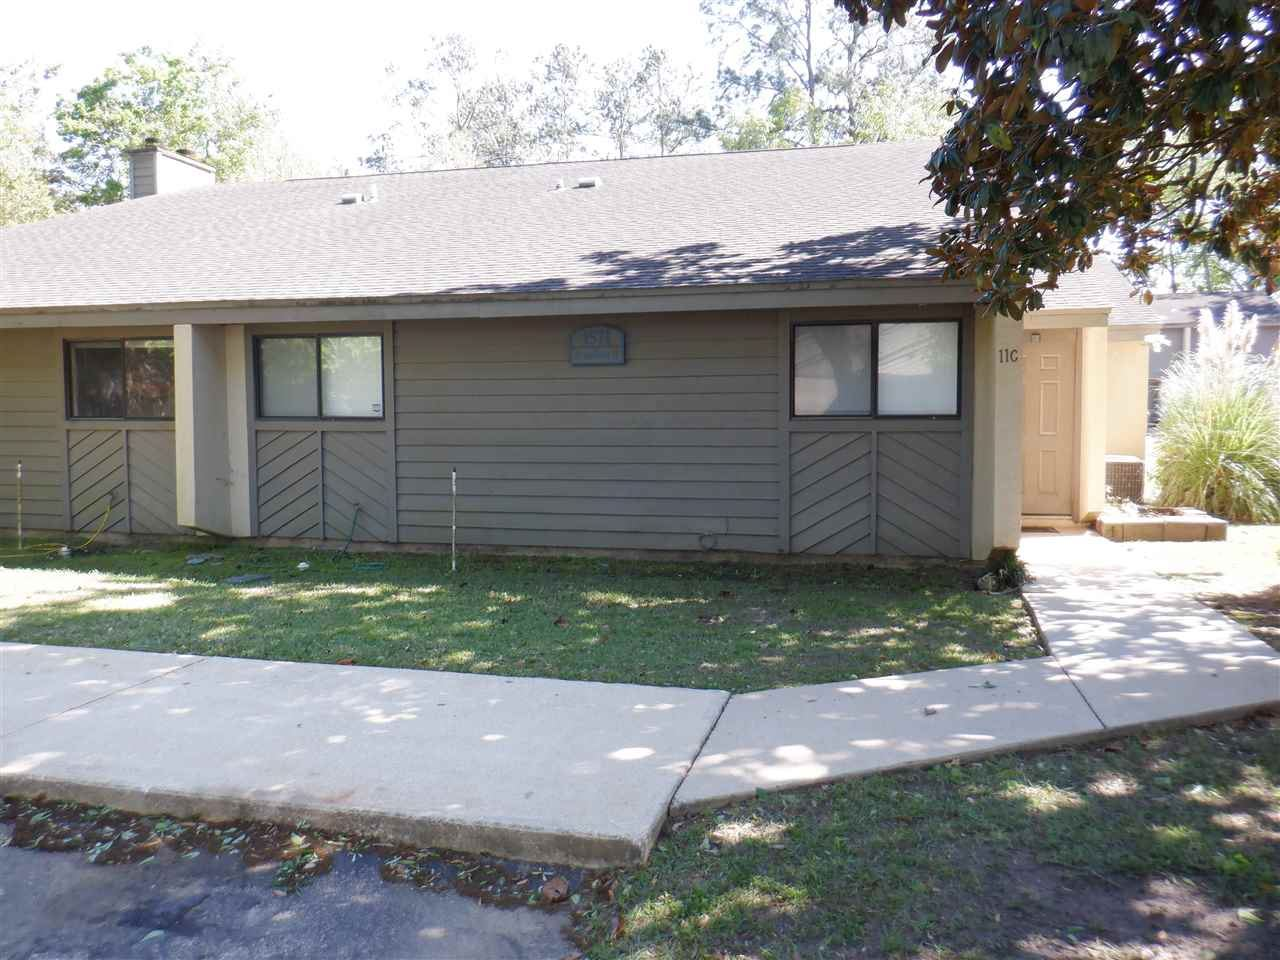 Photo of 1571 Stone Road #11-C, TALLAHASSEE, FL 32303 (MLS # 330573)